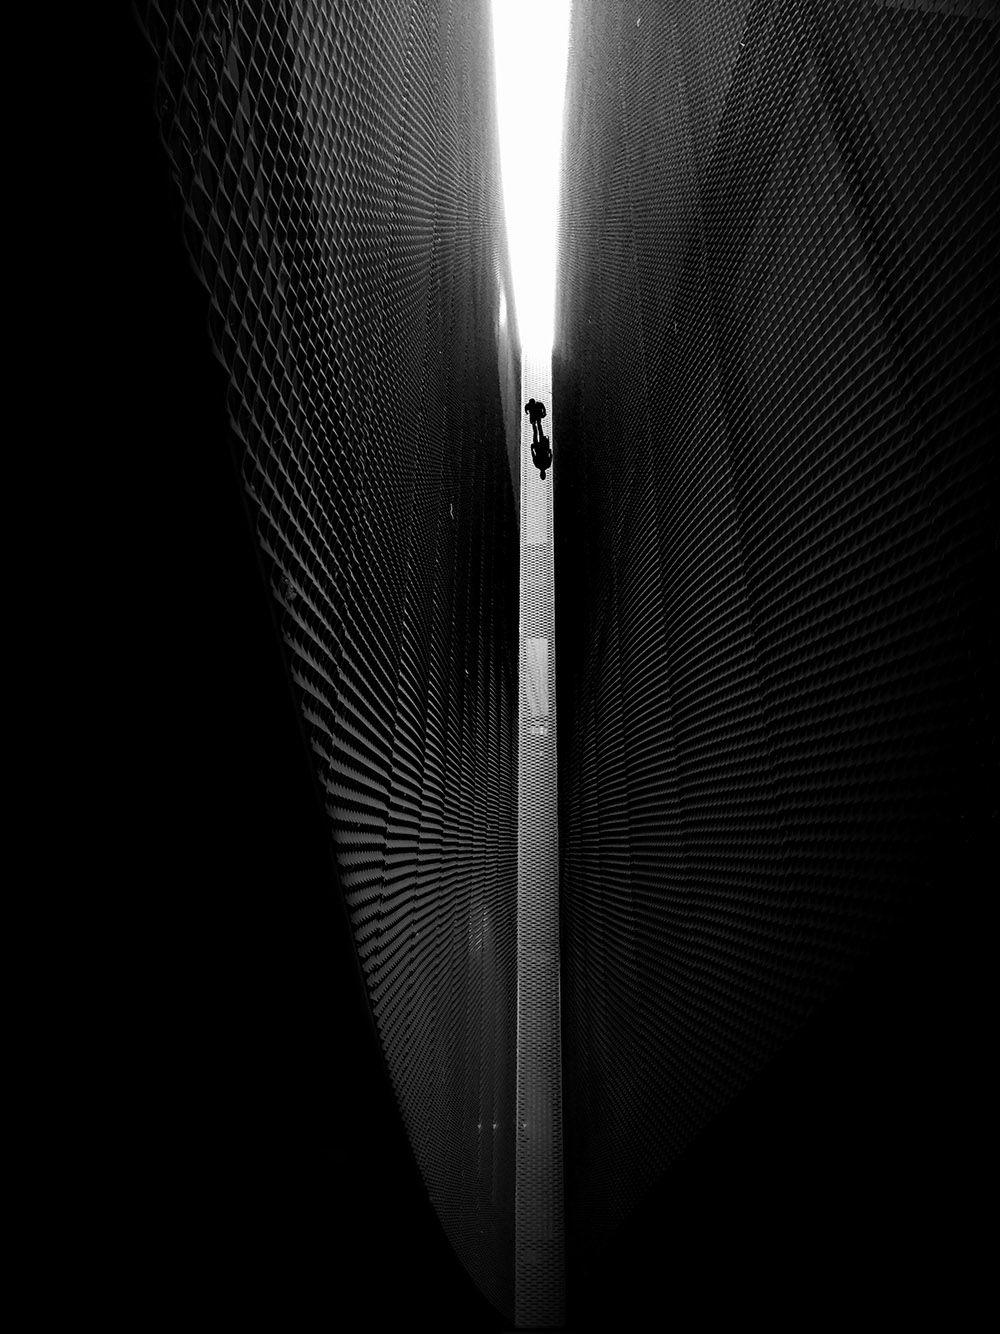 1-е место в категории «Черно-белое» заняло фото под названием «Ангел, смотрящий вниз»